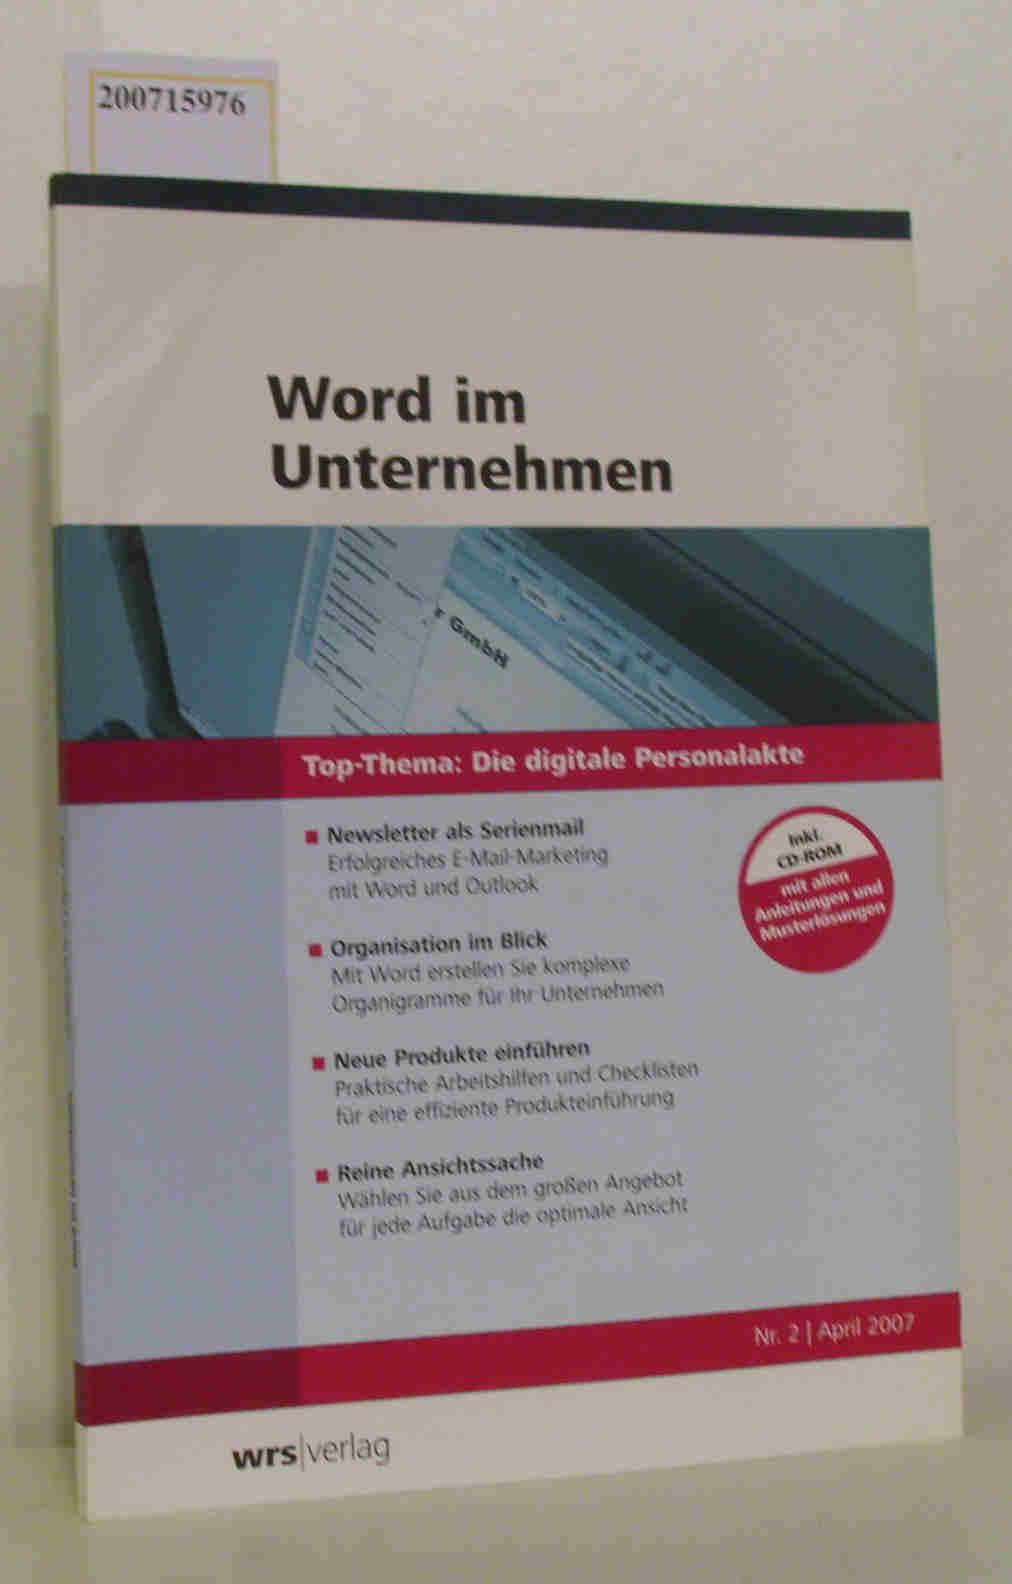 Word im Unternehmen- Die digitale Personalakte